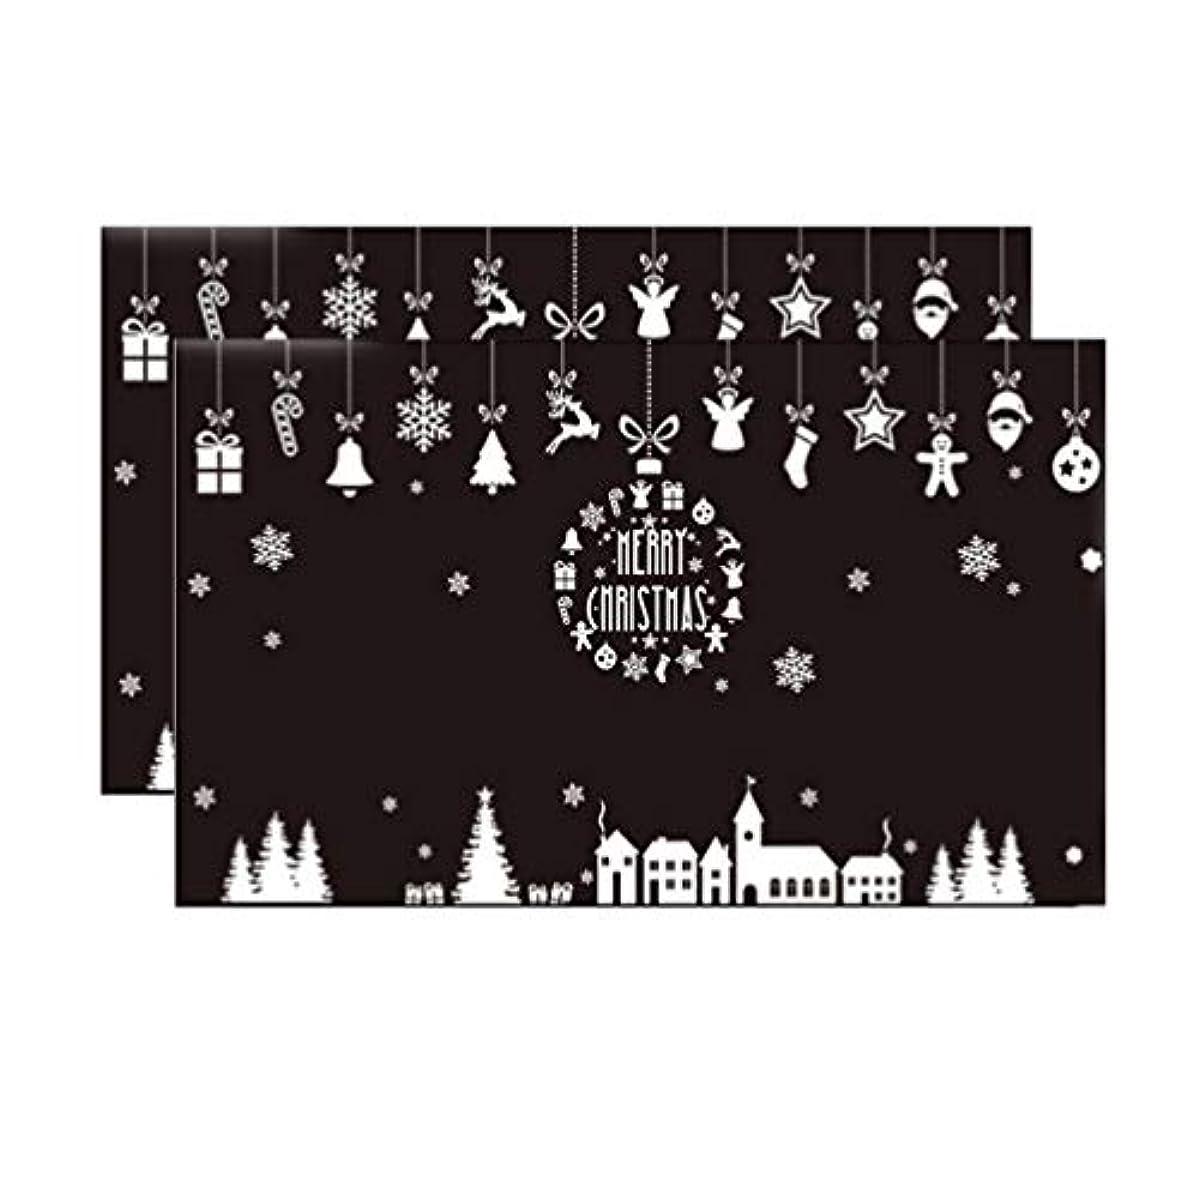 兄弟愛不器用ウッズSUPVOX 2枚のクリスマスウィンドウにしがみつく装飾スノーフレークウィンドウデカールステッカークリスマス冬のホリデーパーティー用品好意